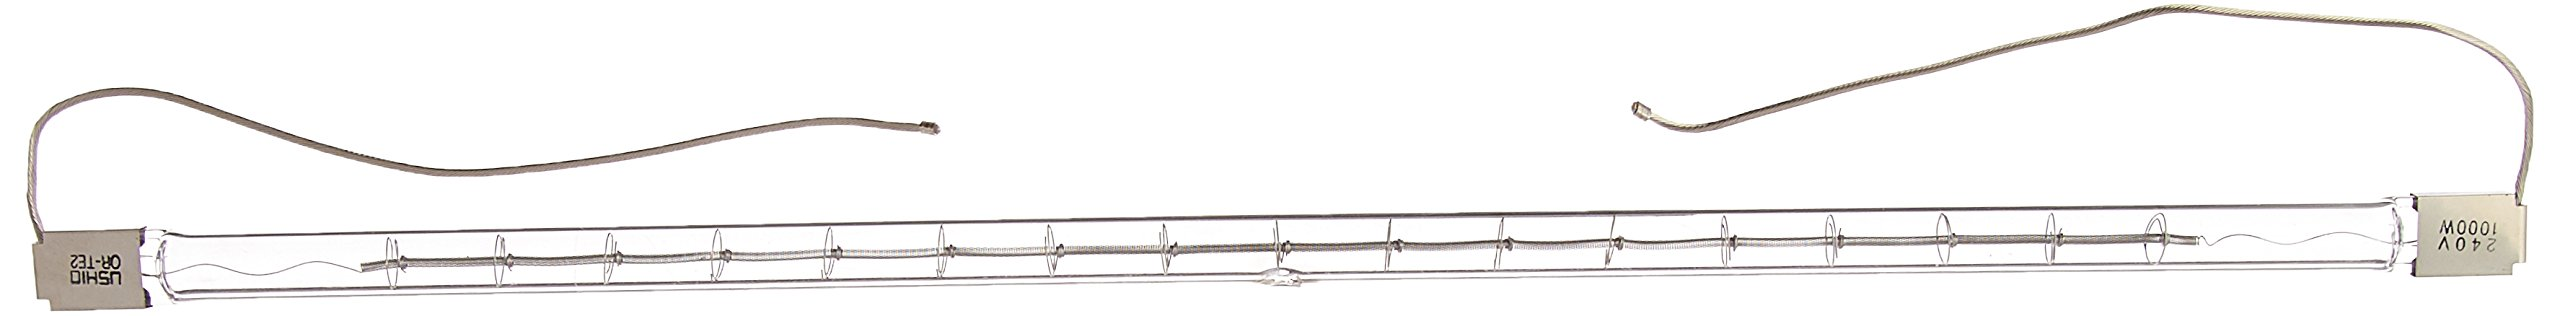 Ushio BC6461 1001317 - QIH240-1000/S Heat Lamp Light Bulb